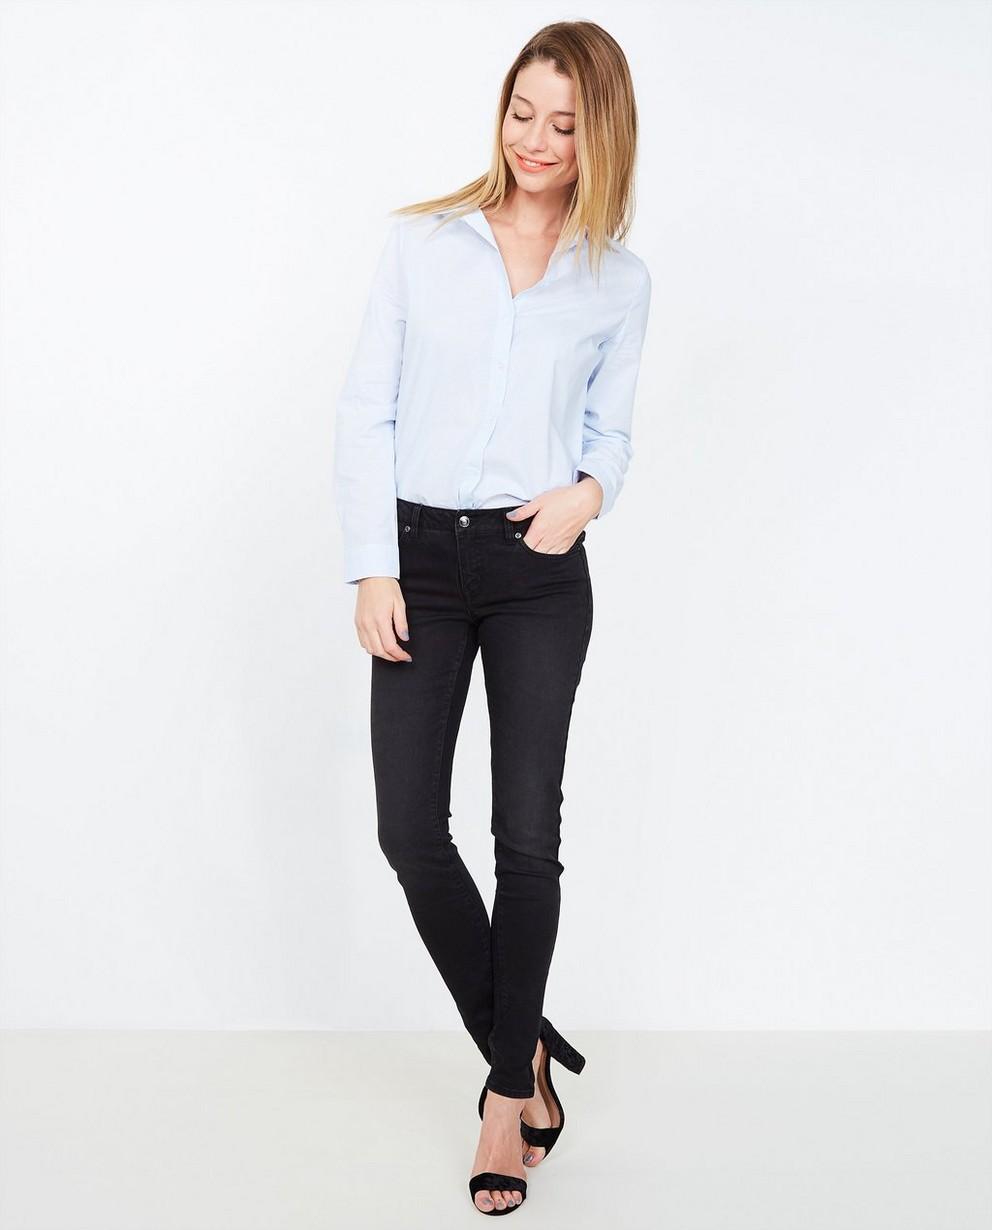 Jeans - black - Zwarte skinny jeans